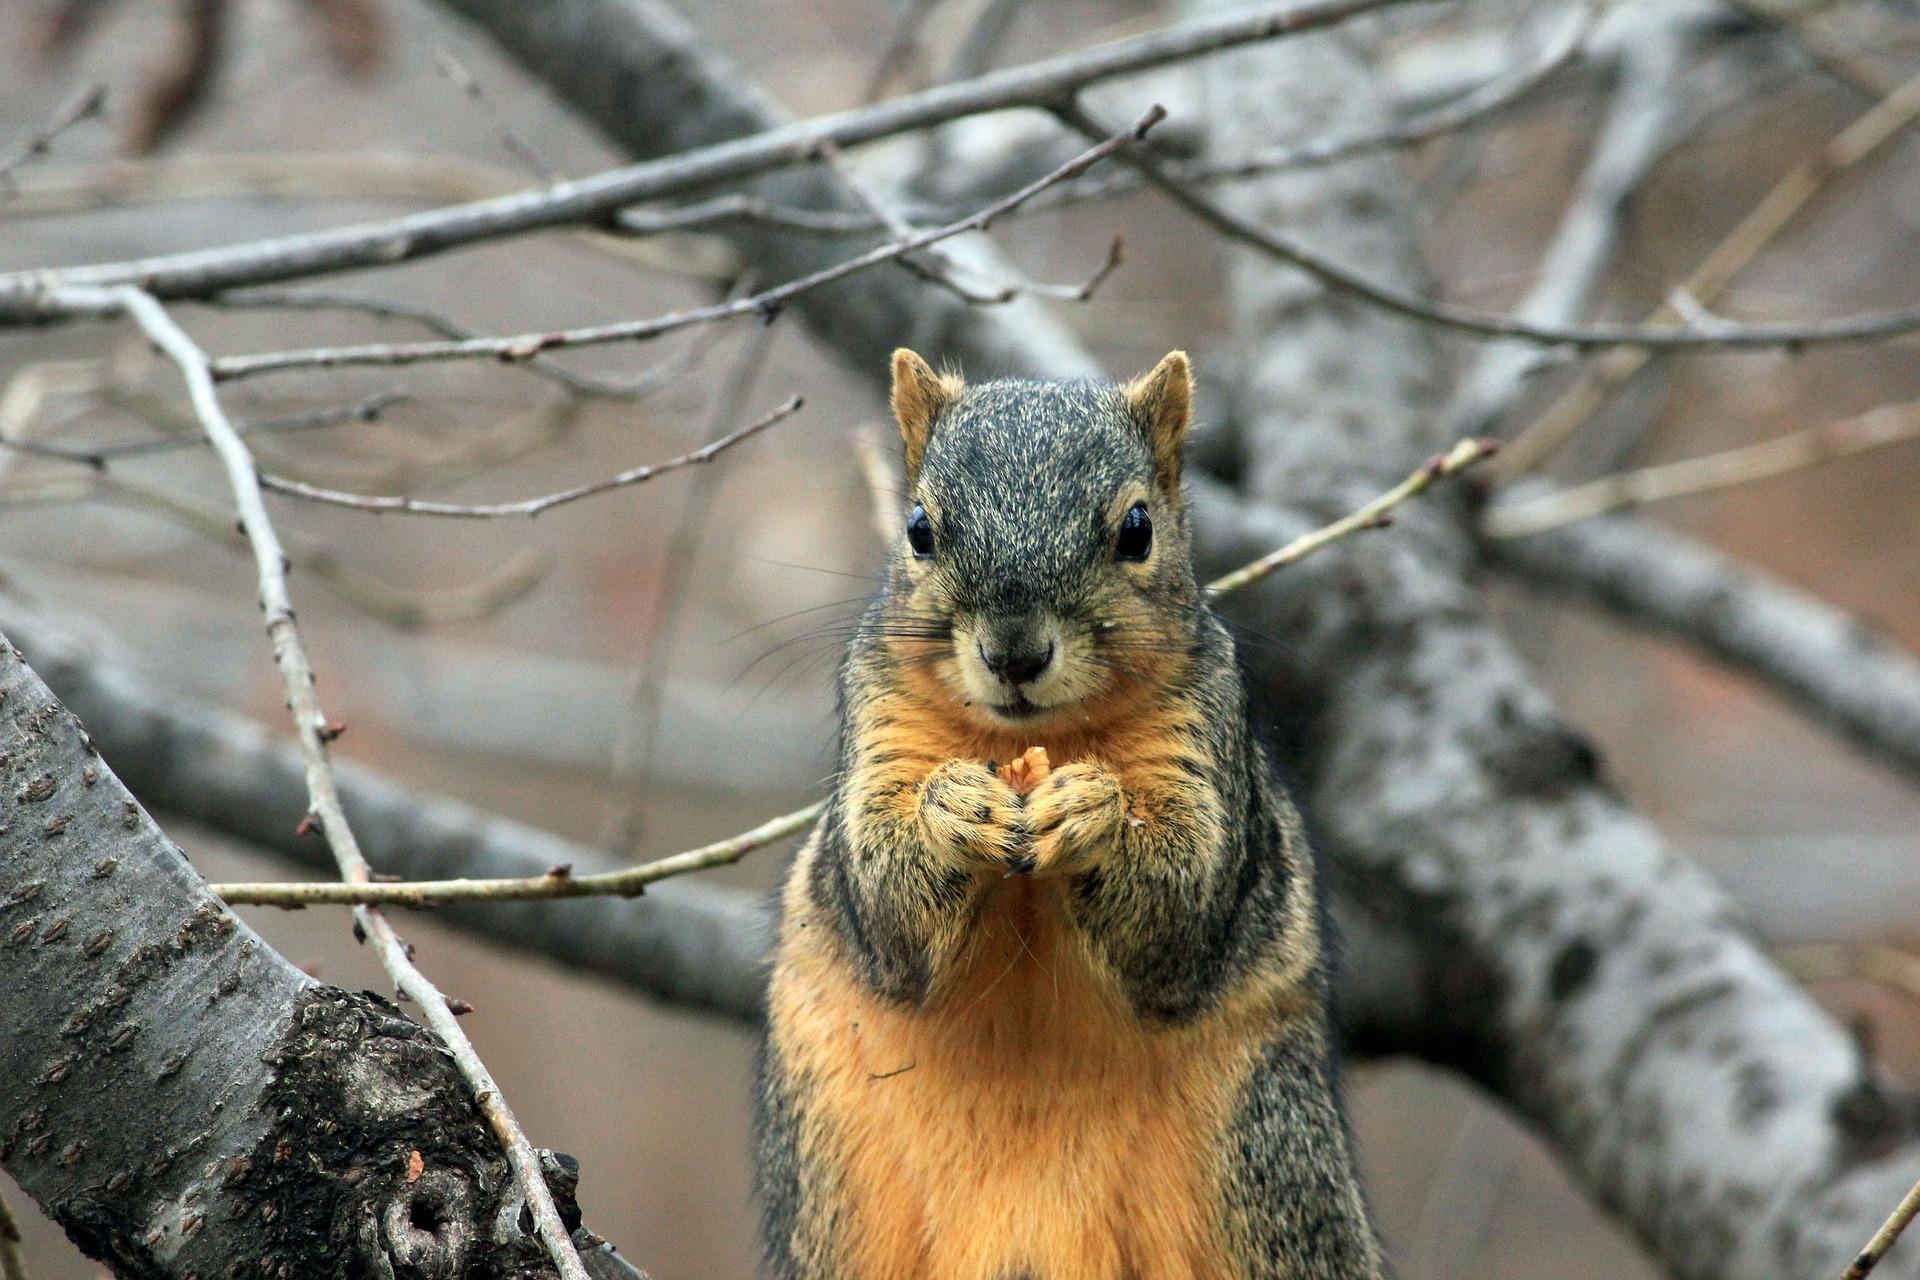 Squirrel Removal, Squirrel Control, Squirrels, Wildlife Removal New Orleans, Wildlife Control New Orleans